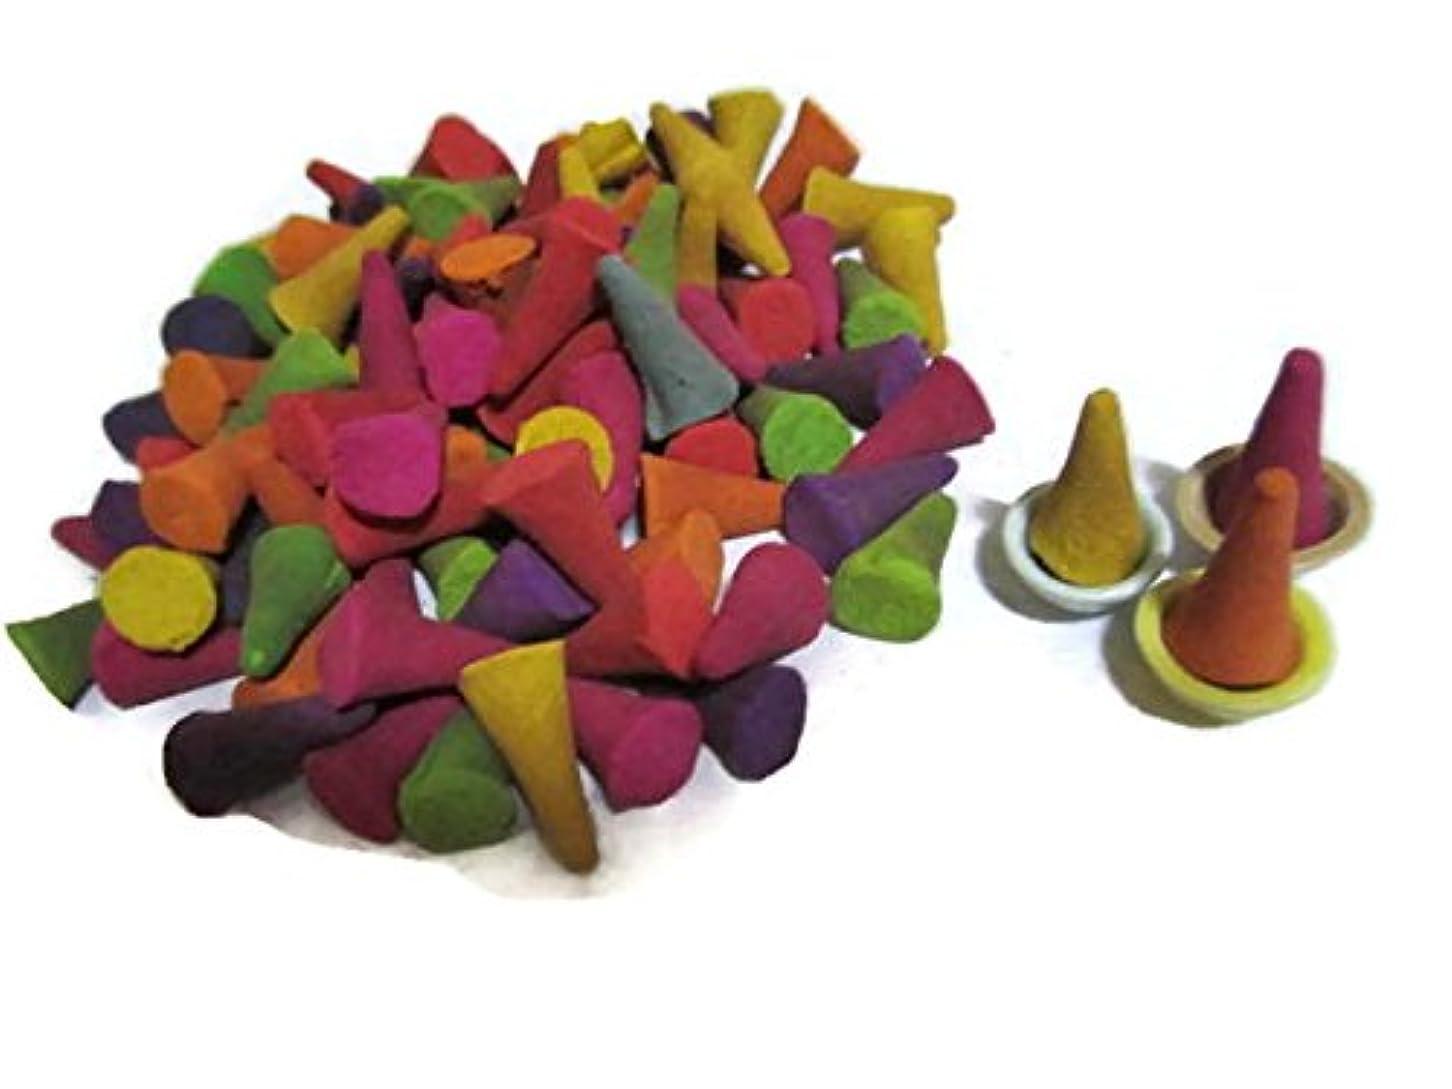 修正する社説太陽Incense Conesミックスのさまざまな香り(パックof 100 Cones )タイ製品